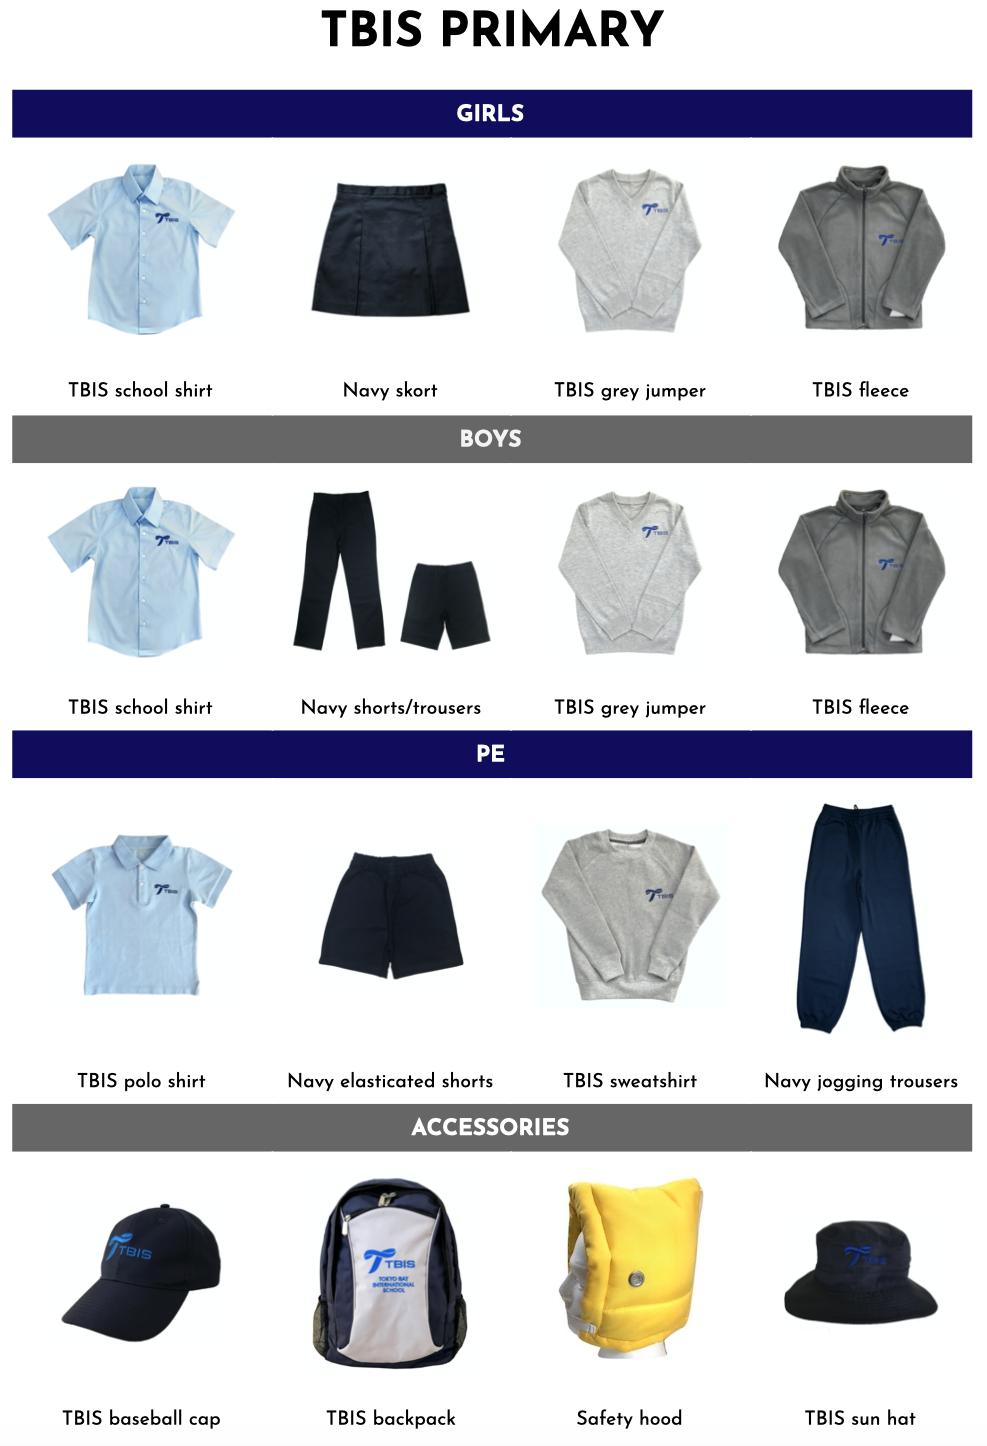 tbis-uniform-guide-2020-new-4.png